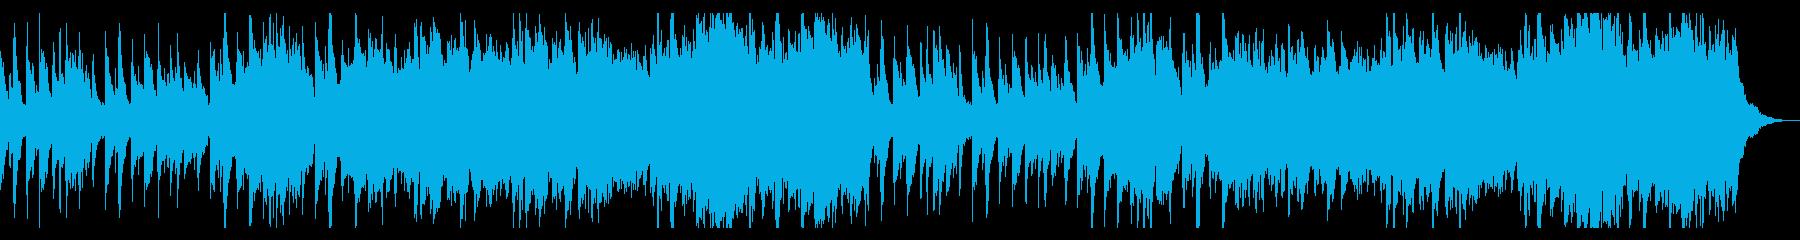 ハープが印象的なシャボン玉のような曲の再生済みの波形